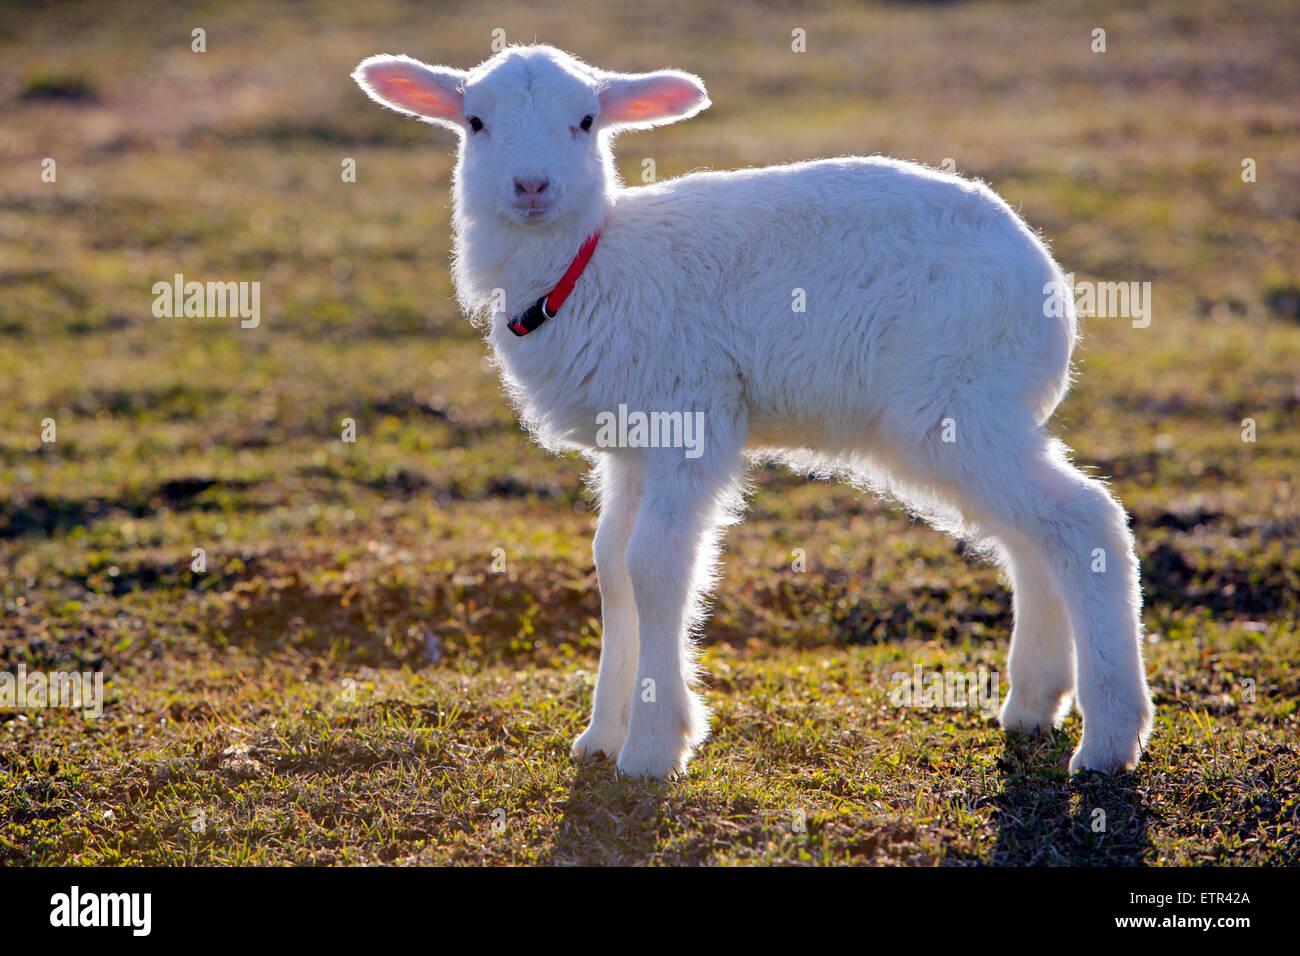 Porträt von wenigen Wochen alten Lamm stehend in Wiese Stockbild